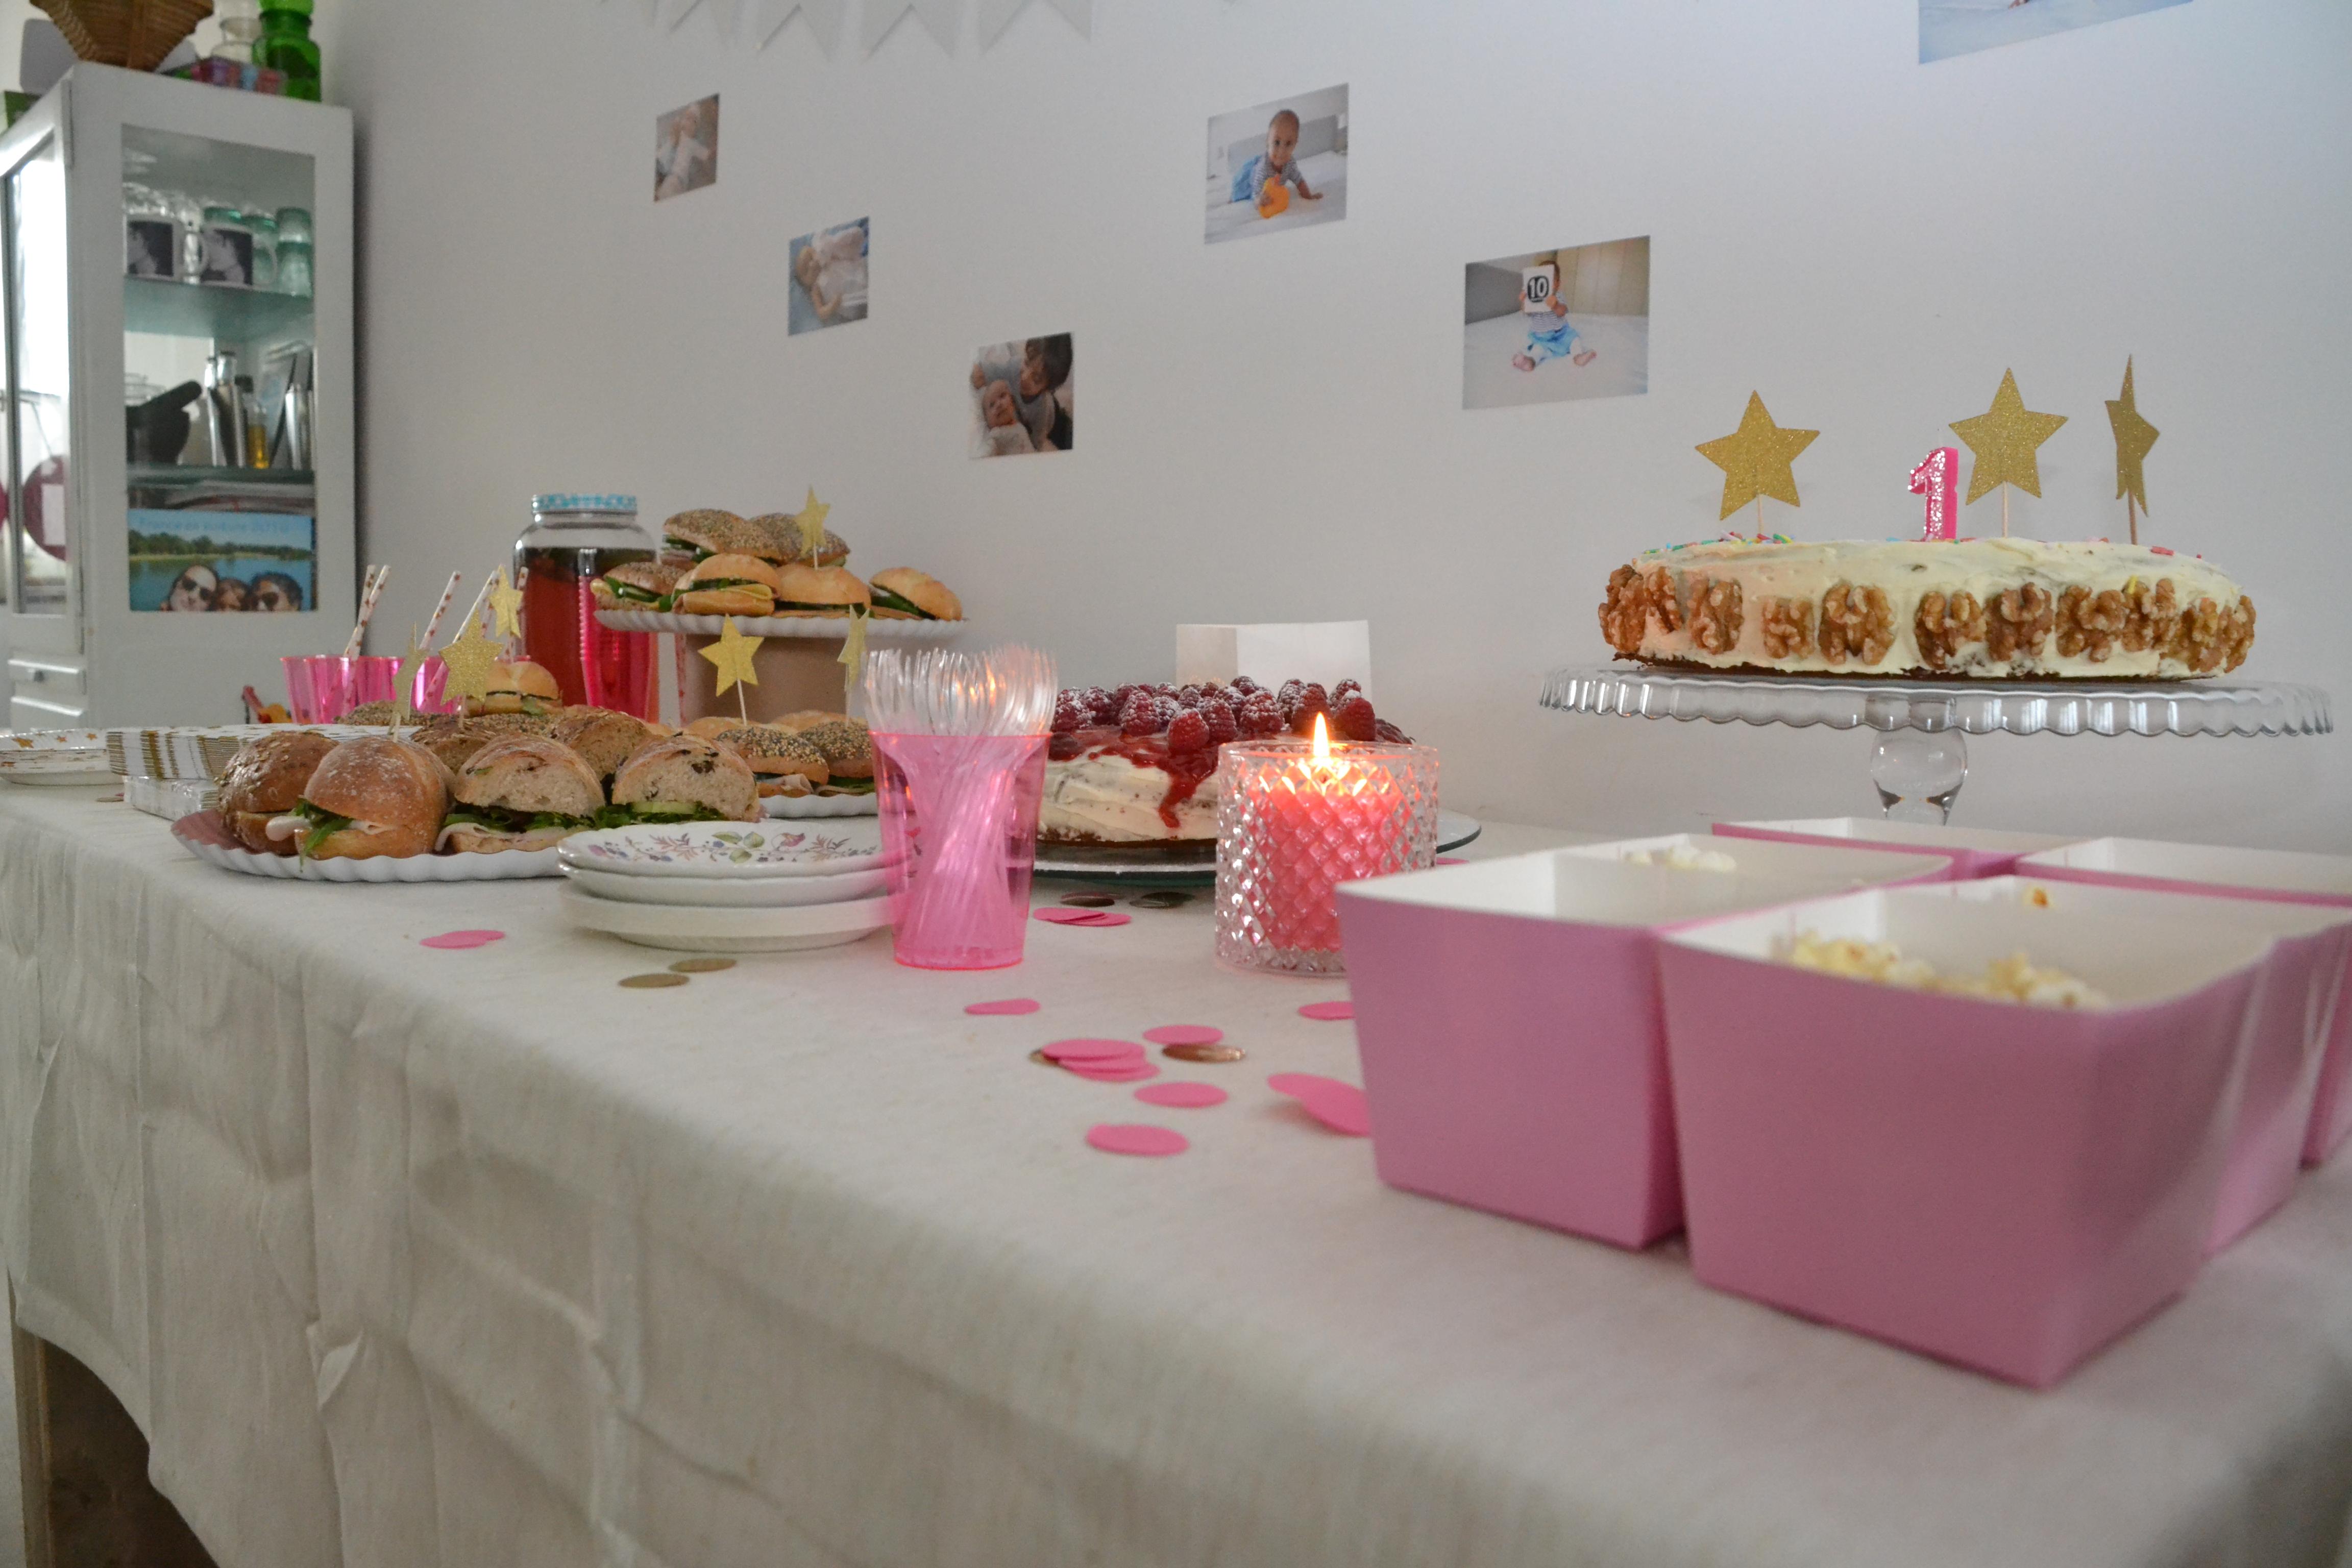 Eerste Verjaardag Van Je Kind Een Onvergetelijk Feestje Met Tips